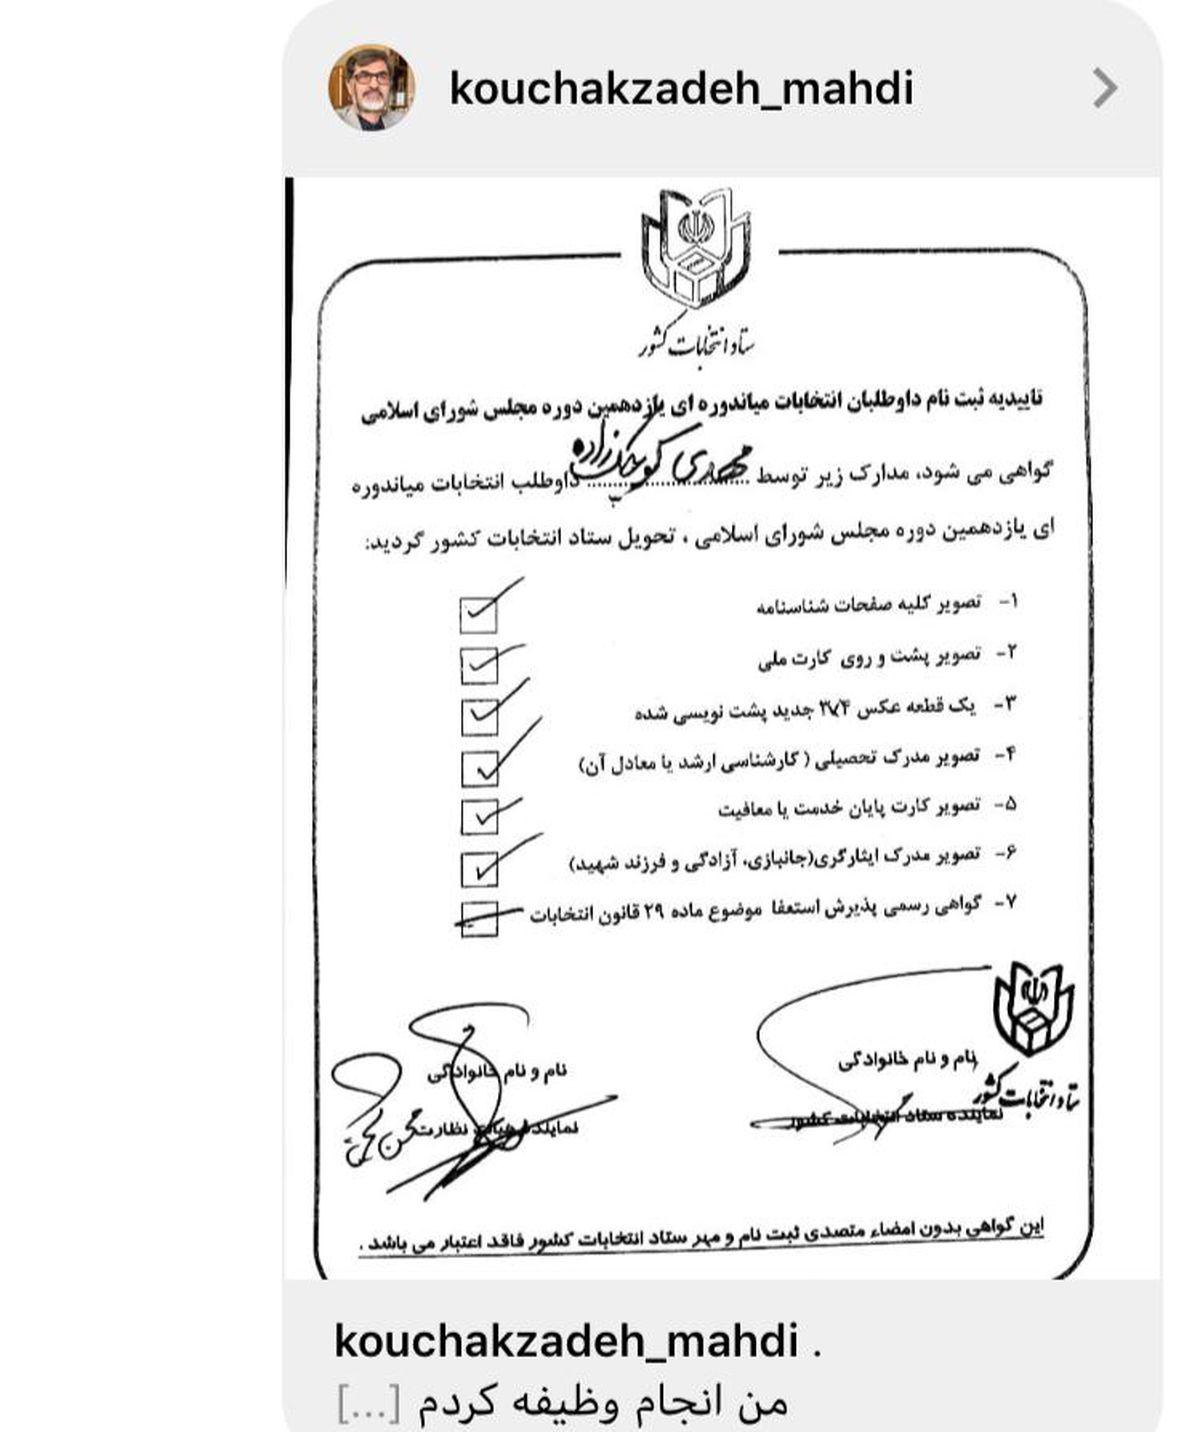 مهدی کوچکزاده کاندیدای انتخابات میاندورهای یازدهمین دوره مجلس شد